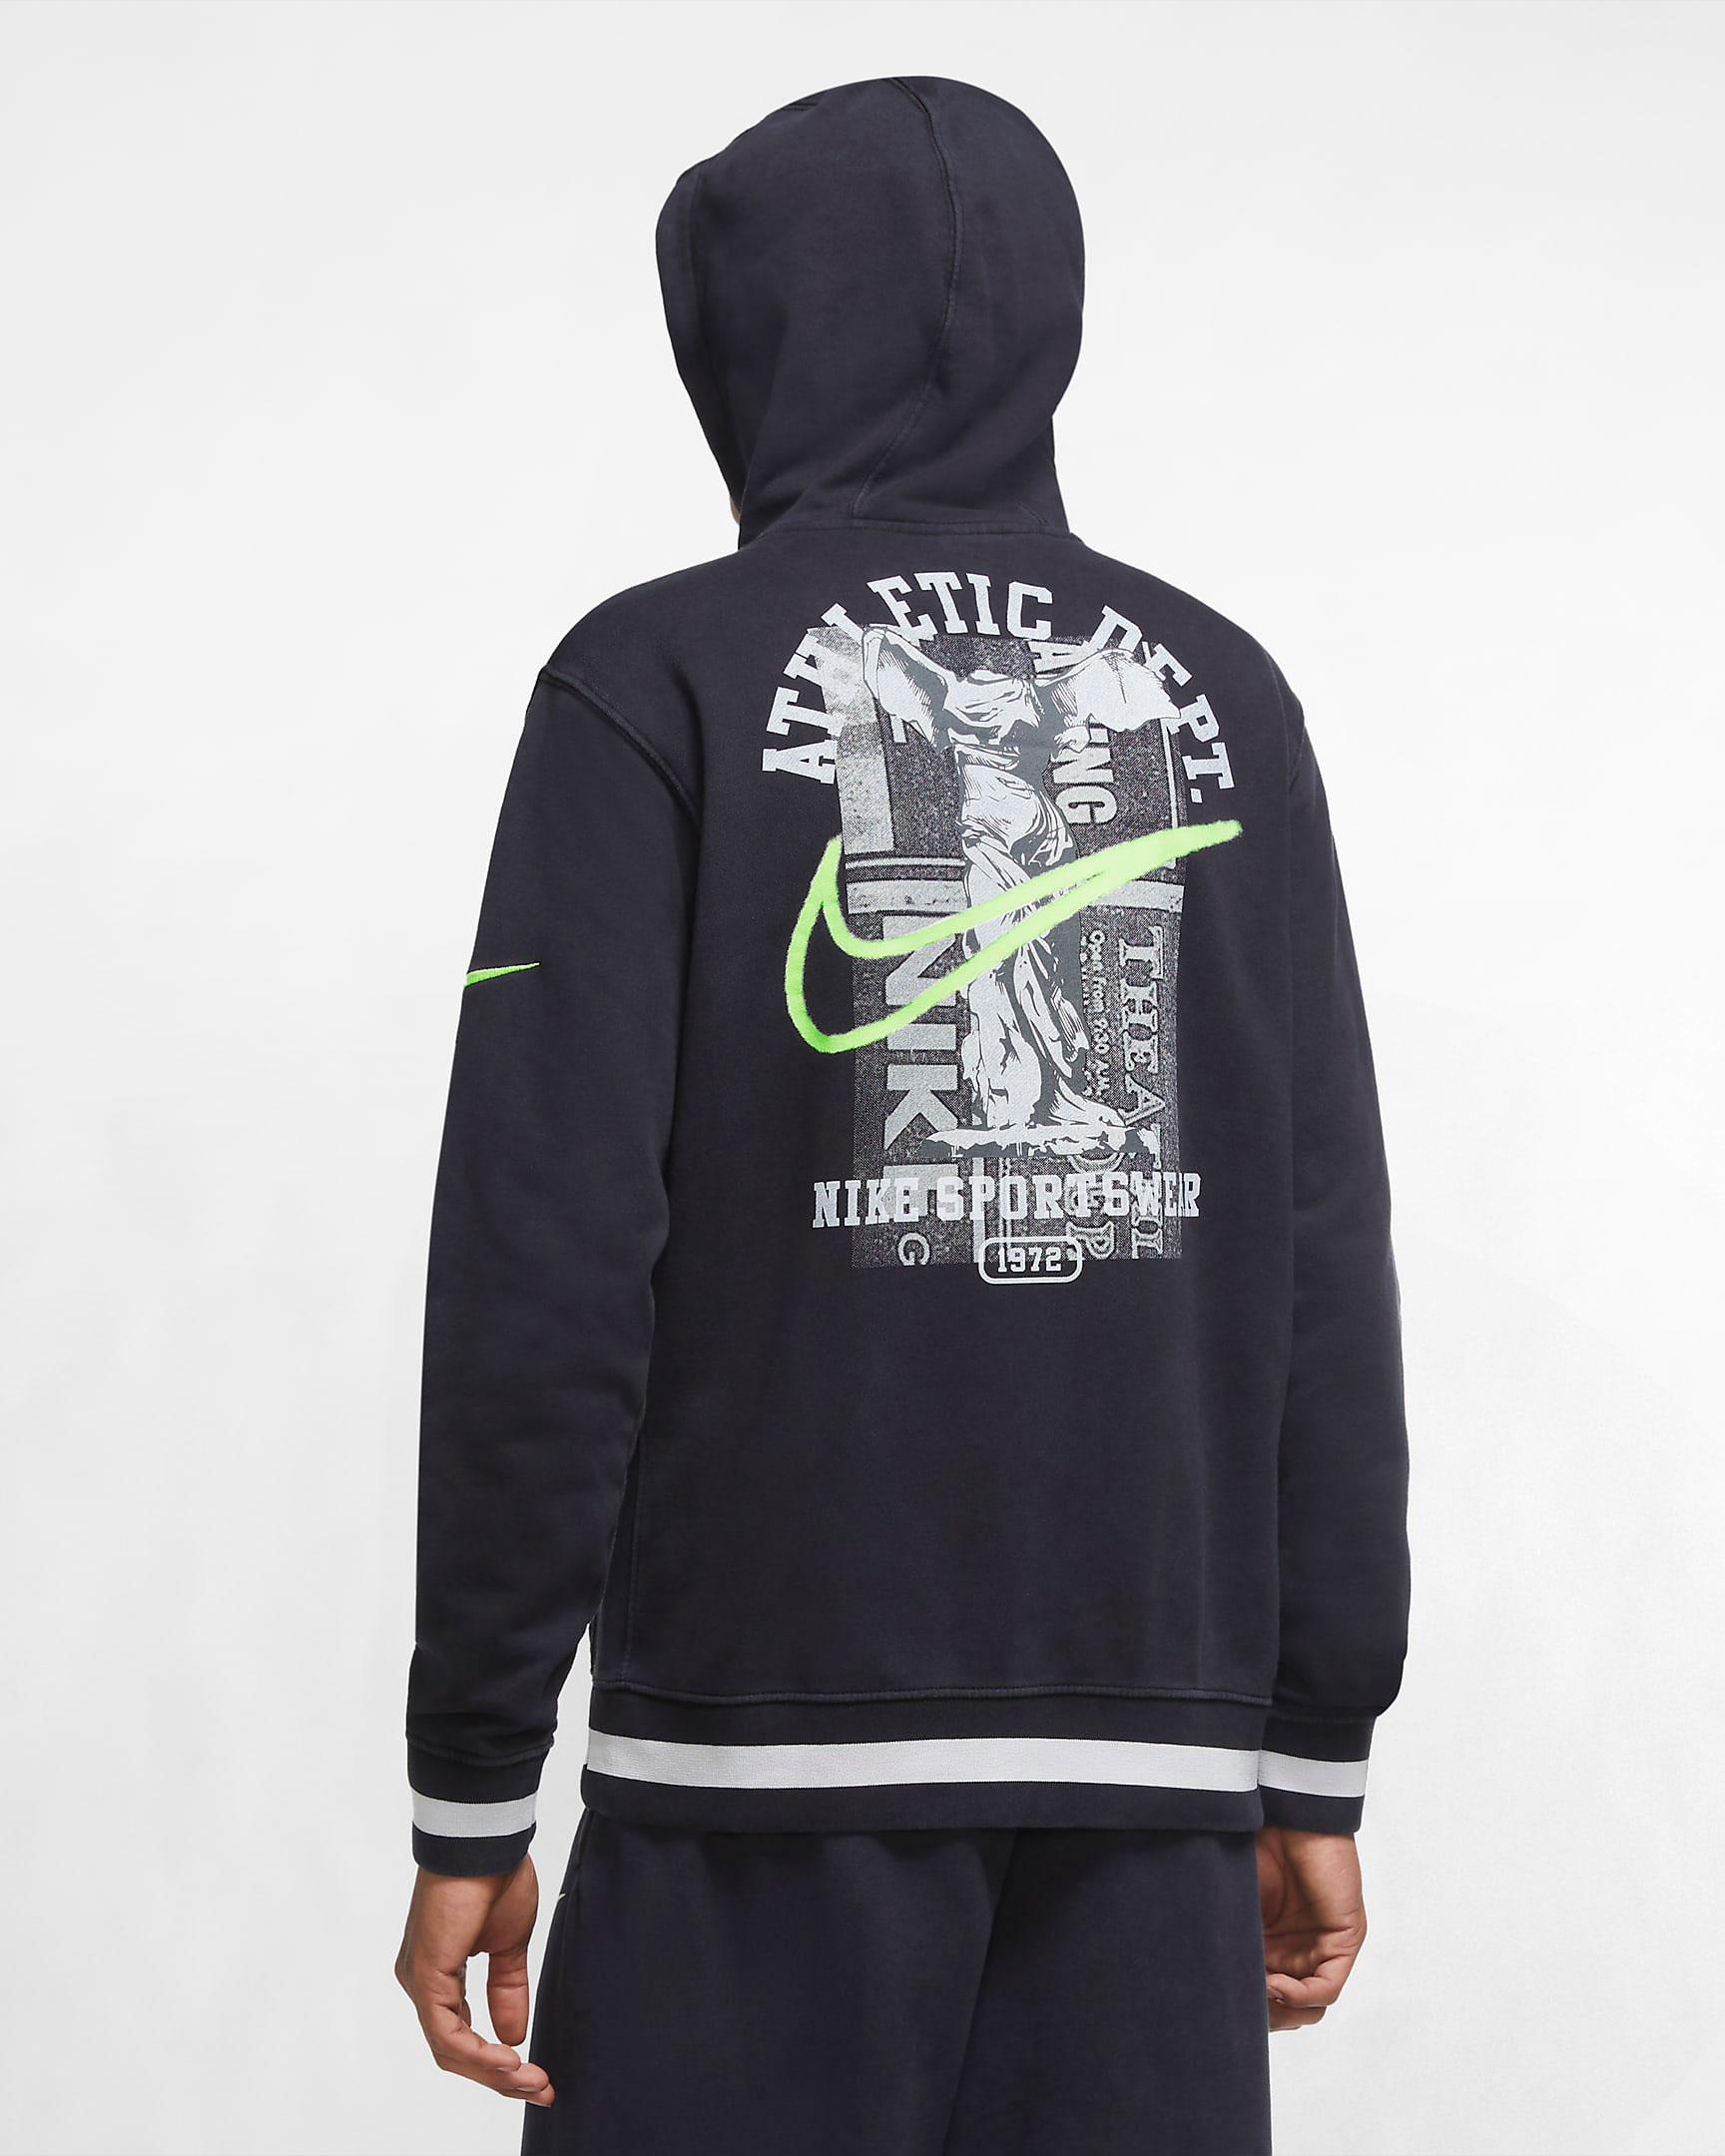 nike-sportswear-class-of-72-hoodie-black-volt-2